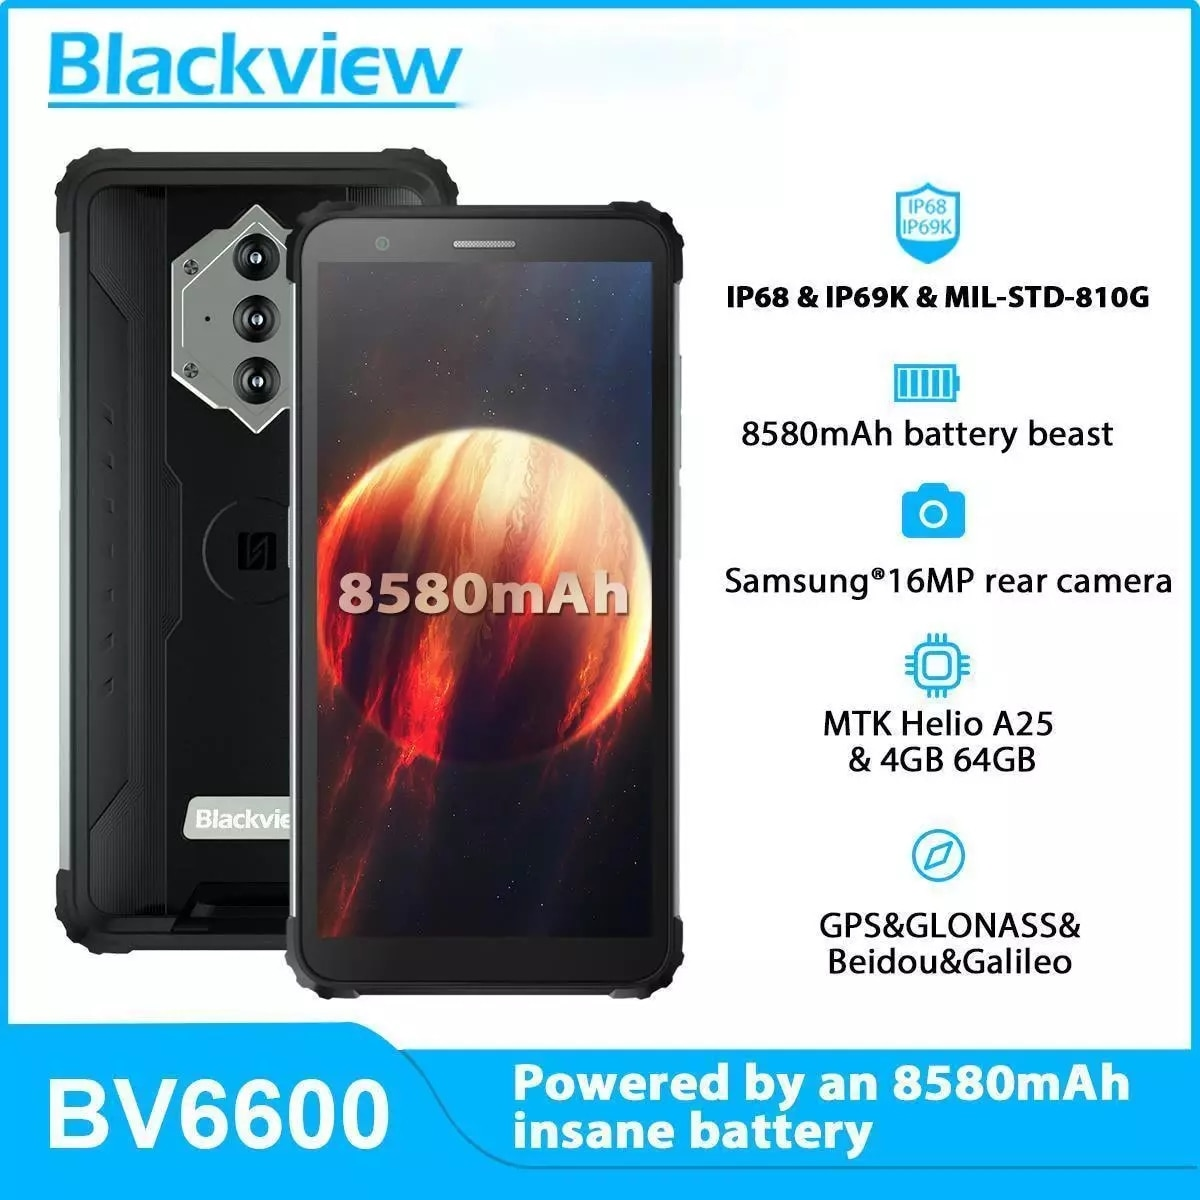 Blackview BV6600 прочный смартфон 5,7 дюймов 8580 мА/ч, 4 Гб + 64 ГБ Восьмиядерный мобильный телефон Android 10 16MP Камера NFC мобильных телефонов